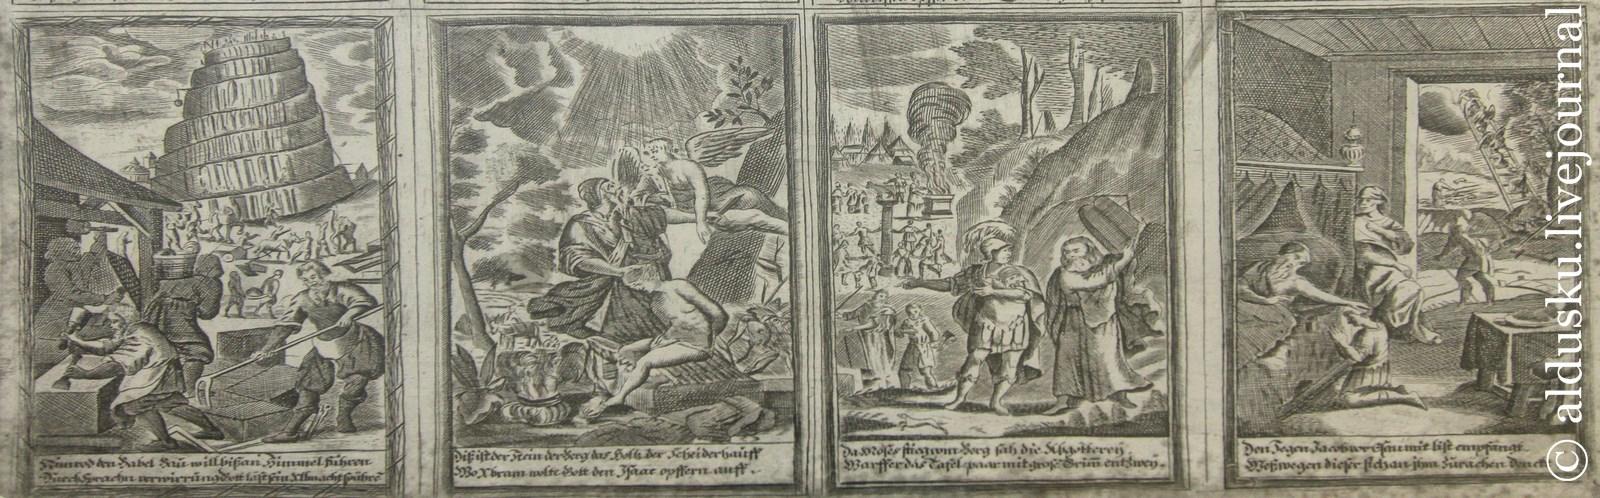 Фрагмент «Иконотека Вальвазориана». Графика Янеза Вайкарда Вальвазора (1641–1693)